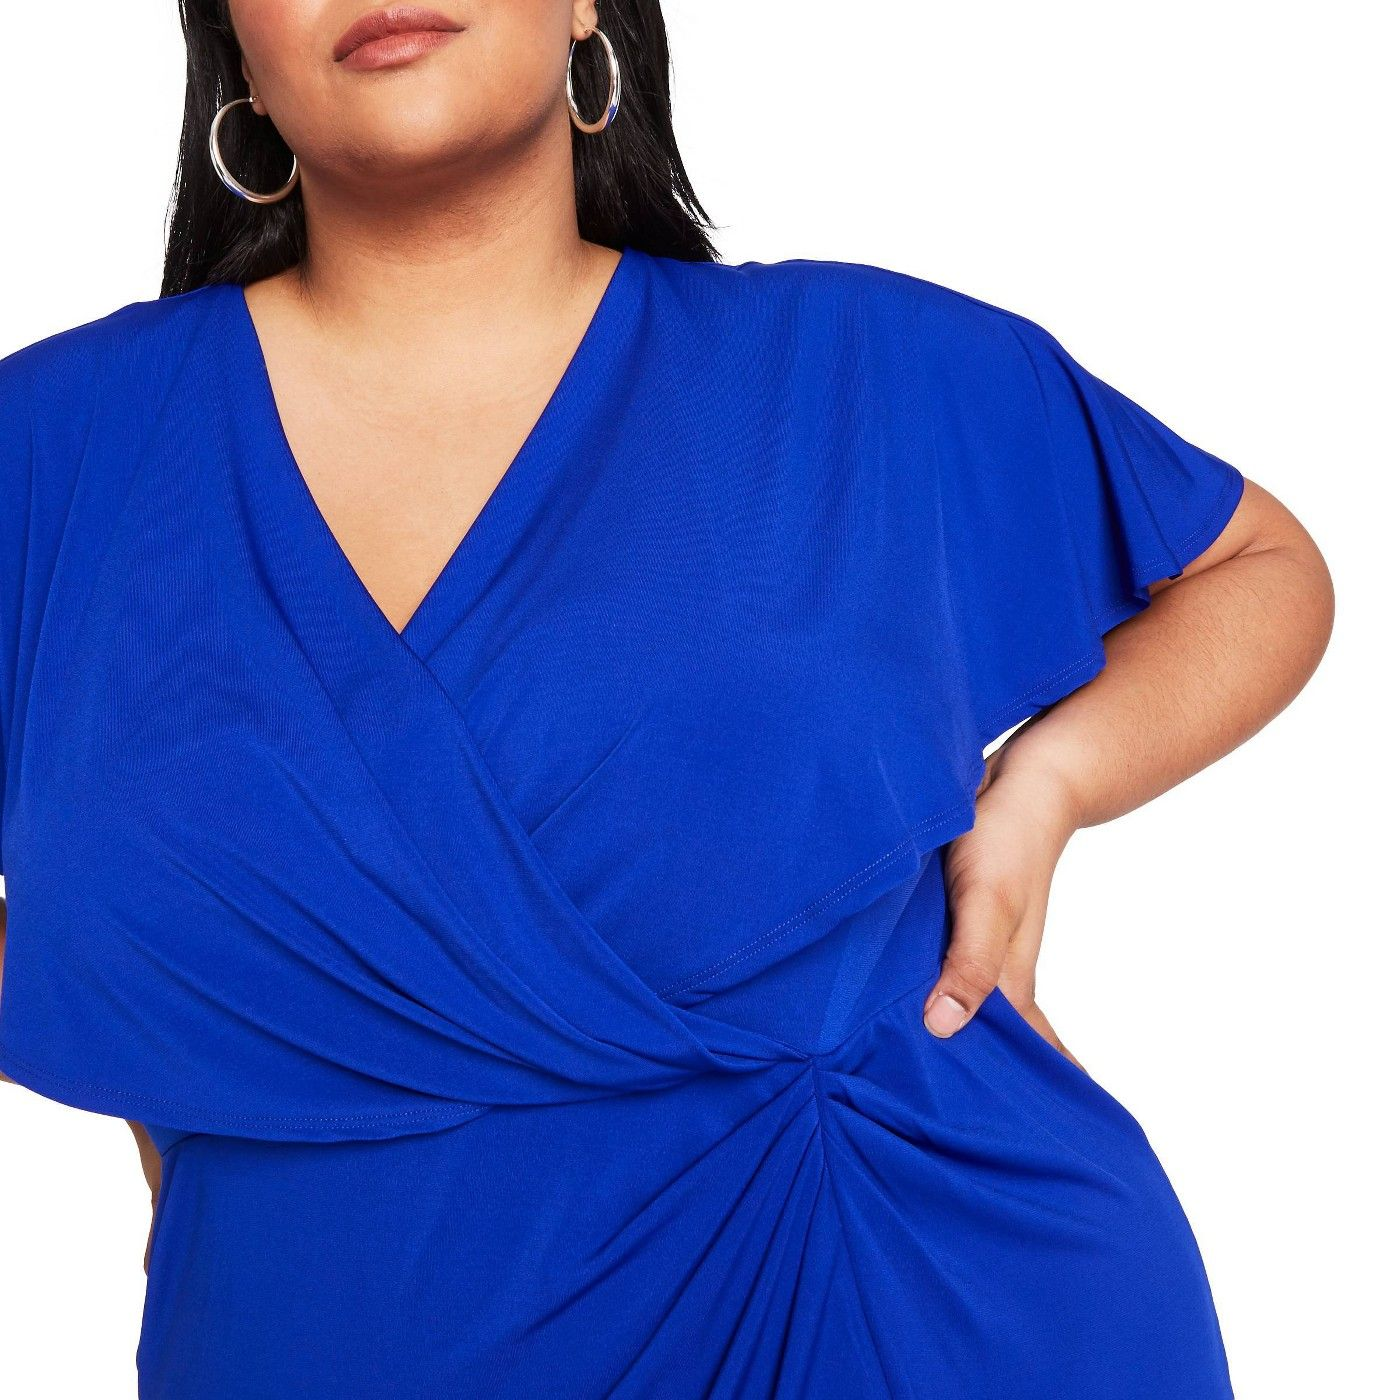 Women S High Low Dress Cushnie For Target Regular Plus Royal Blue Sponsored Dress Sponsored Cushnie Women Fashion Dresses High Low Dress [ 1400 x 1400 Pixel ]